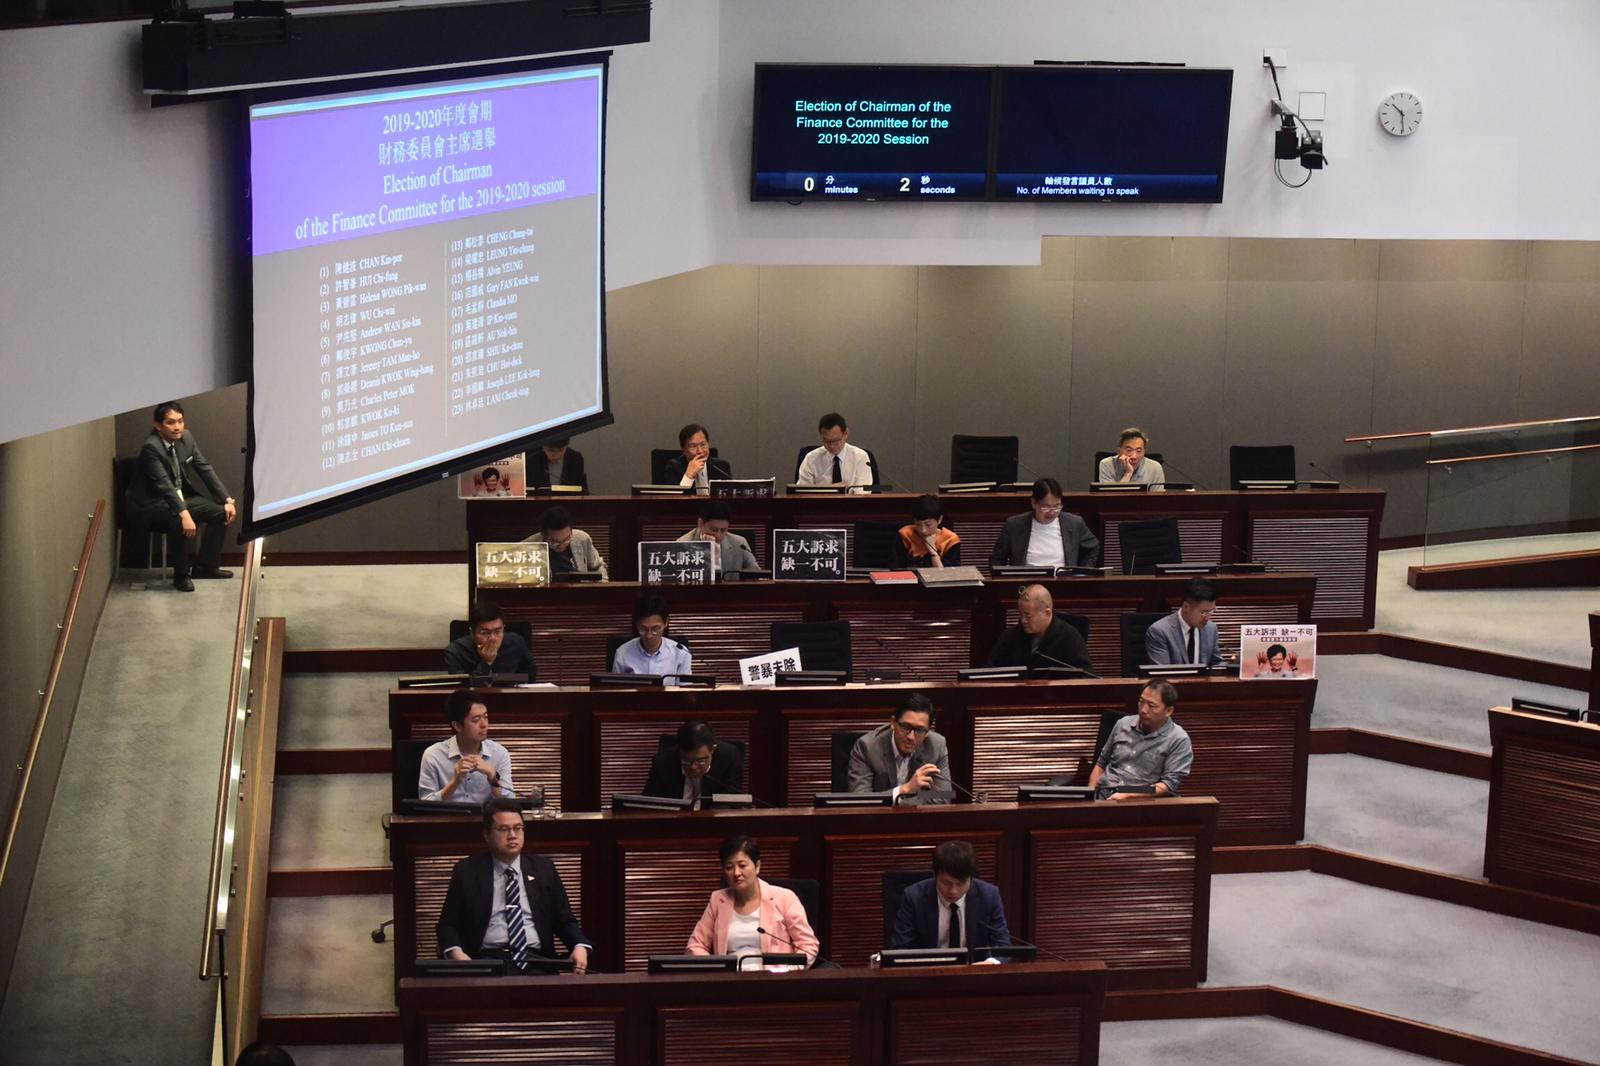 民主派互相提名角逐主席,結果一共產生23名主席候選人。